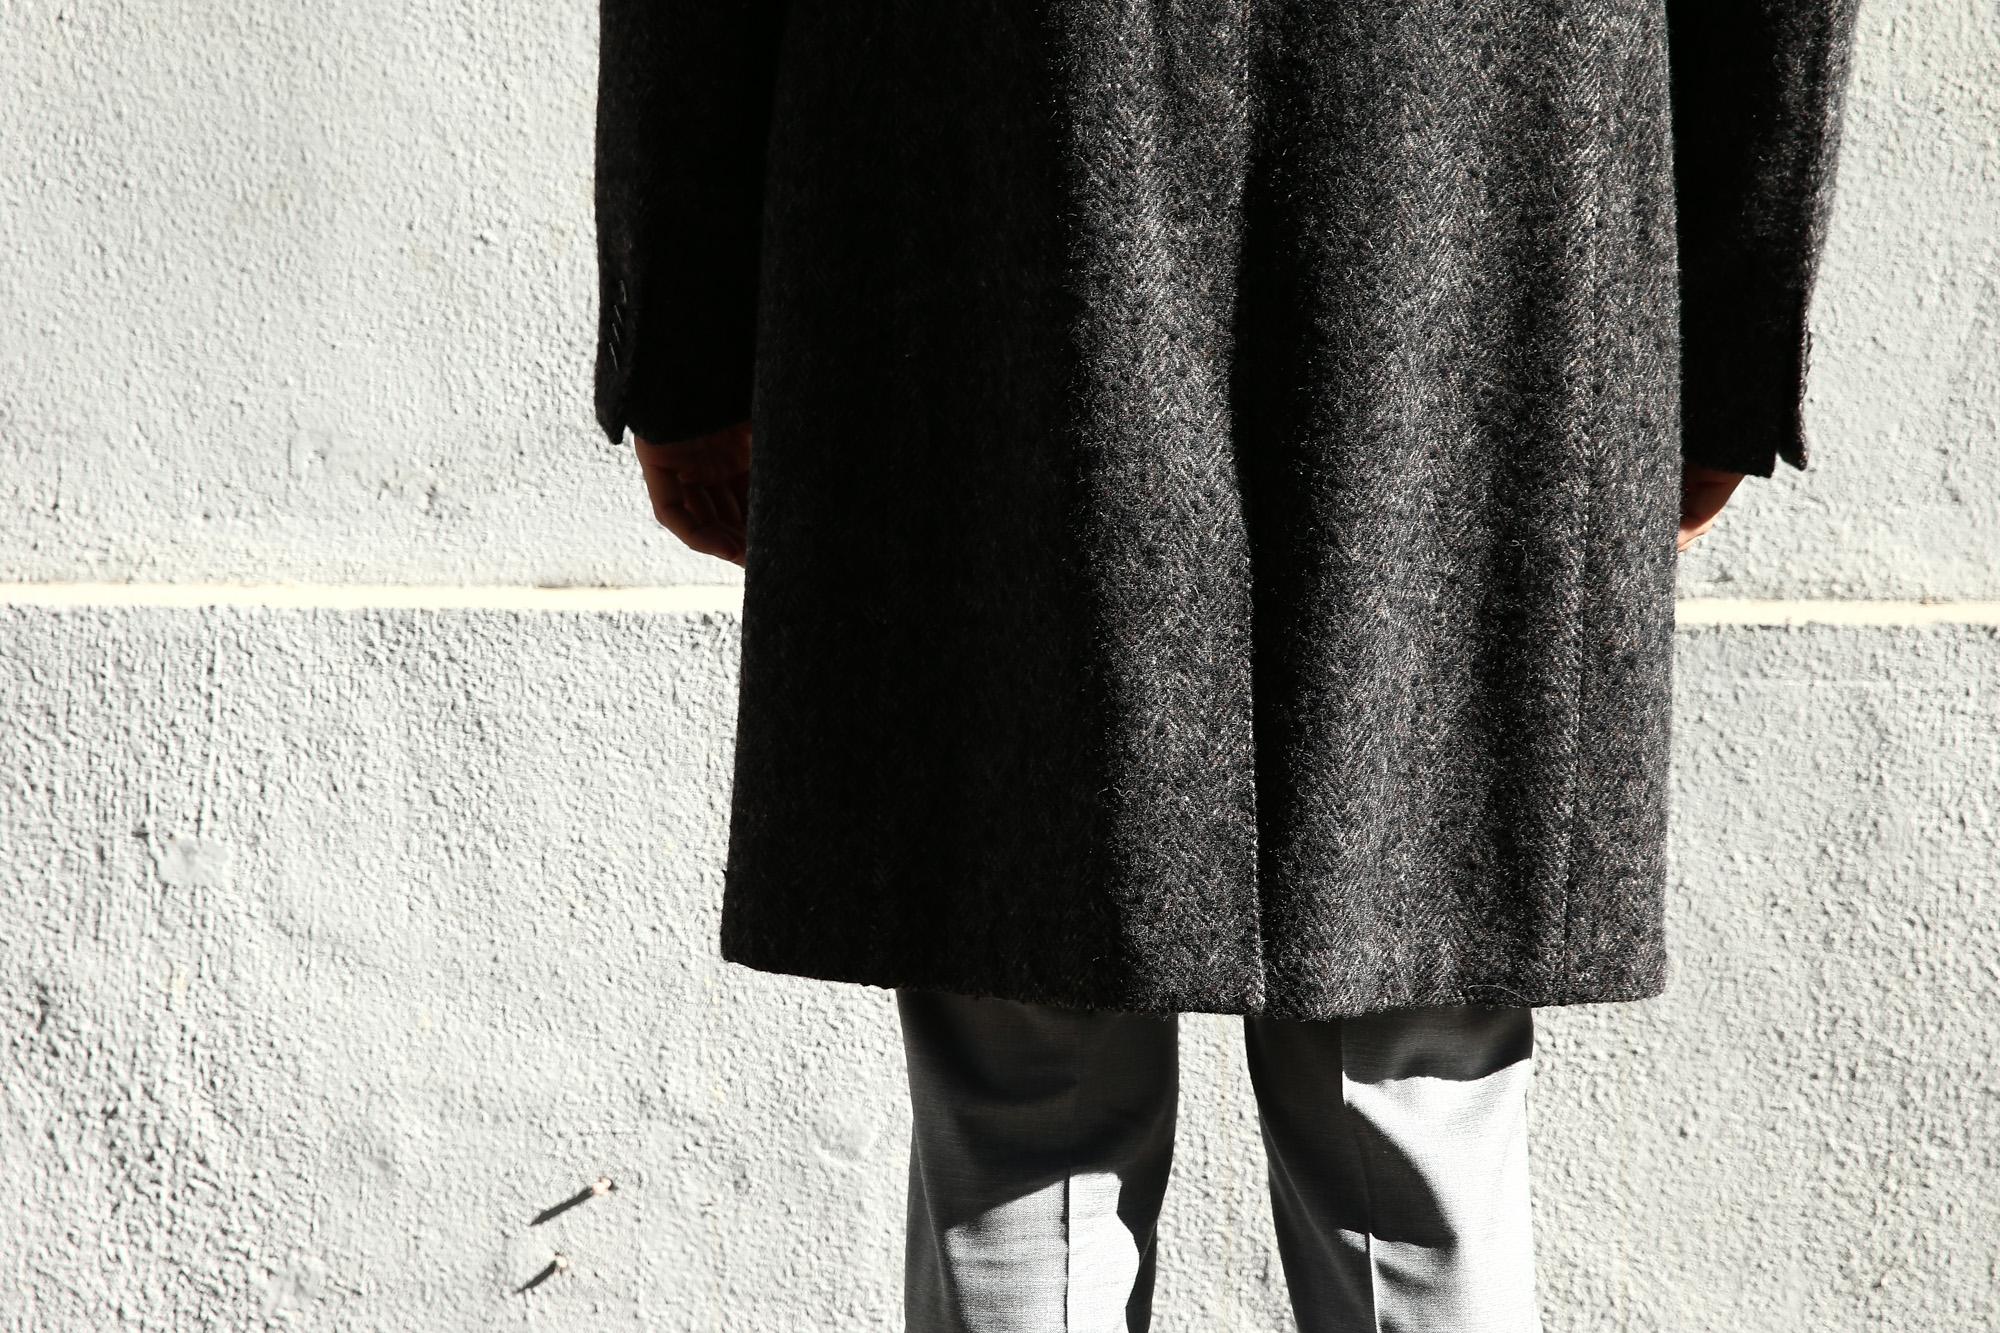 【BOGLIOLI MILANO // ボリオリ ミラノ】 CHESTER COURT (チェスターコート) ヘリンボーン ウール ツイード コート CHARCOAL (チャコール・09) Made in italy (イタリア製) 2017 秋冬新作 boglioli ボリオリ chestercourt 愛知 名古屋 ZODIAC ゾディアック